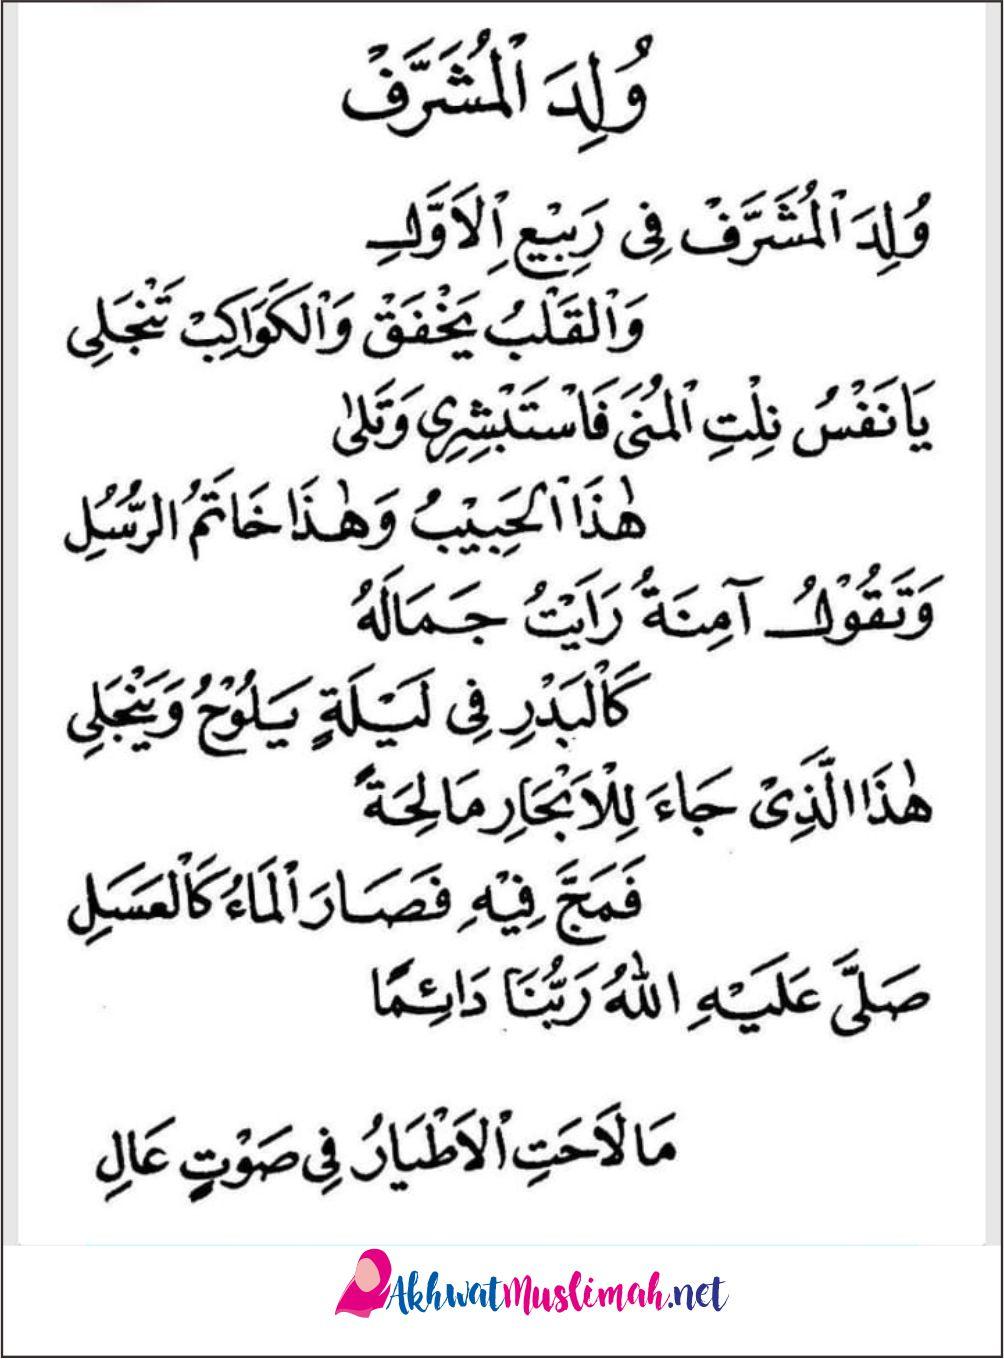 Lirik Sholawat Wulidal Musyarrof Teks Arab Latin Dan Artinya